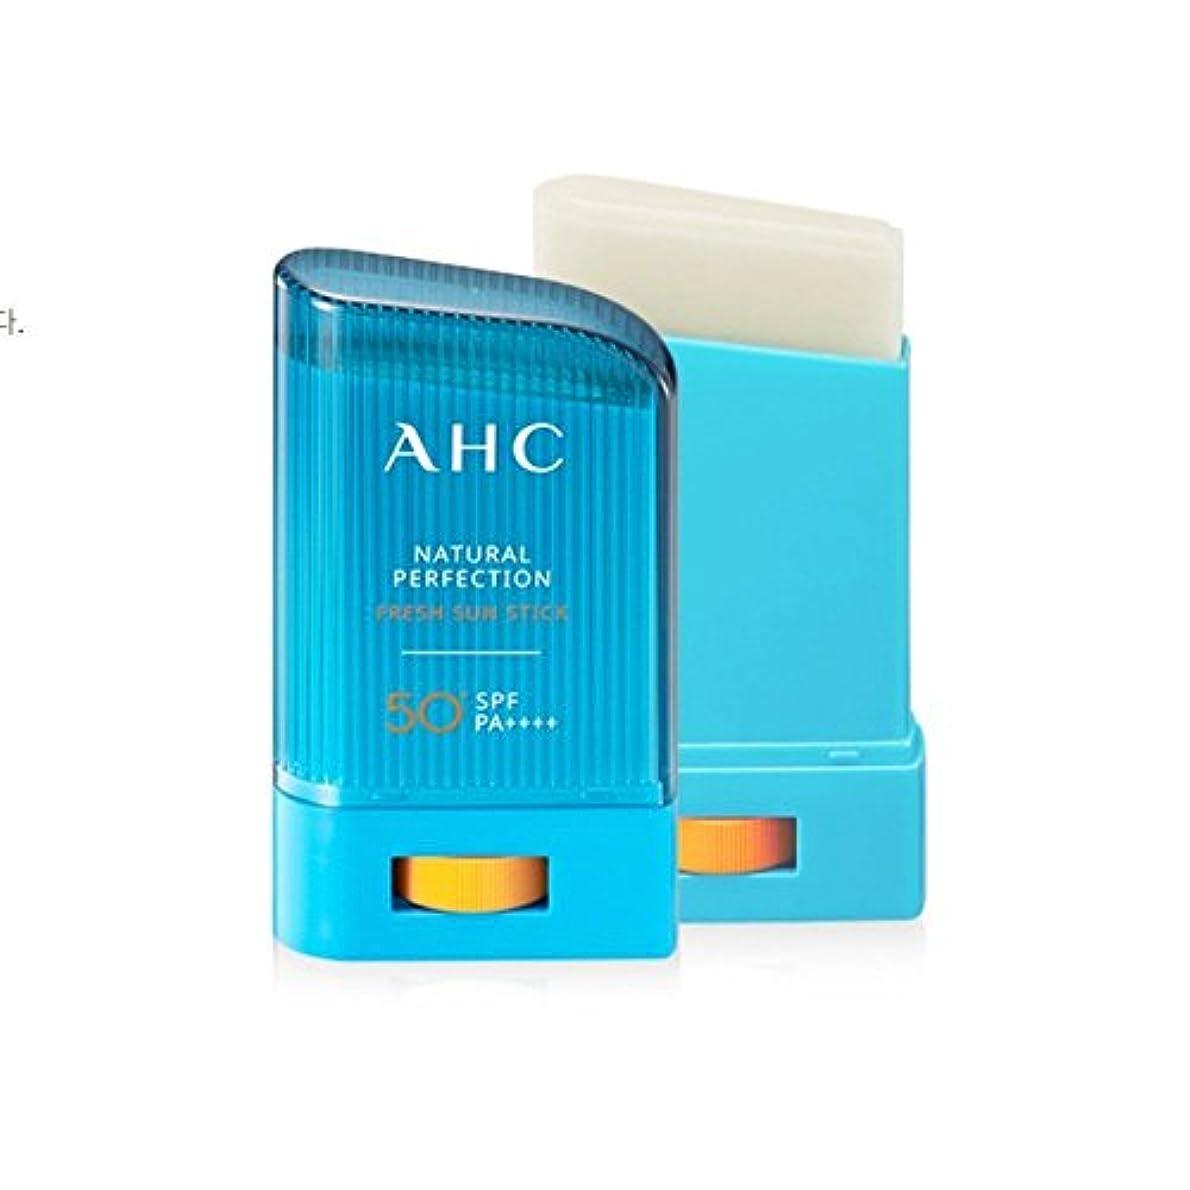 パーティーライセンス薬を飲む[1+1] AHC Natural Perfection Fresh Sun Stick ナチュラルパーフェクションフレッシュサンスティック 22g * 2個 [並行輸入品]